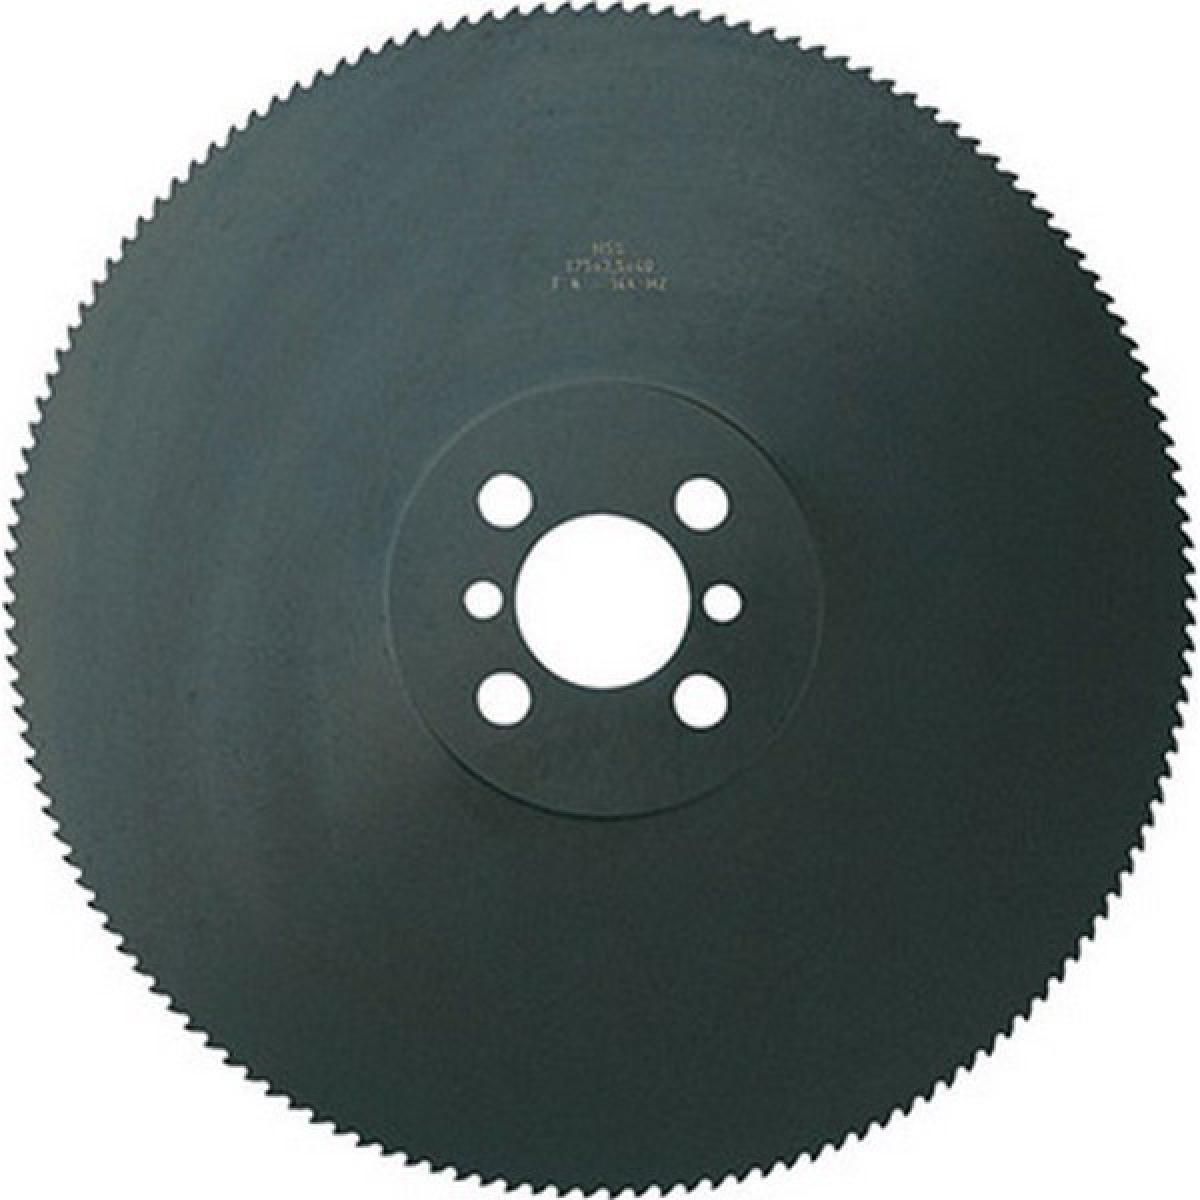 Forum Lame de scie circulaire à métaux, en acier à coupe rapideE à 5% de cobalt, Dimensions : 450 x 4,0 x 50 mm